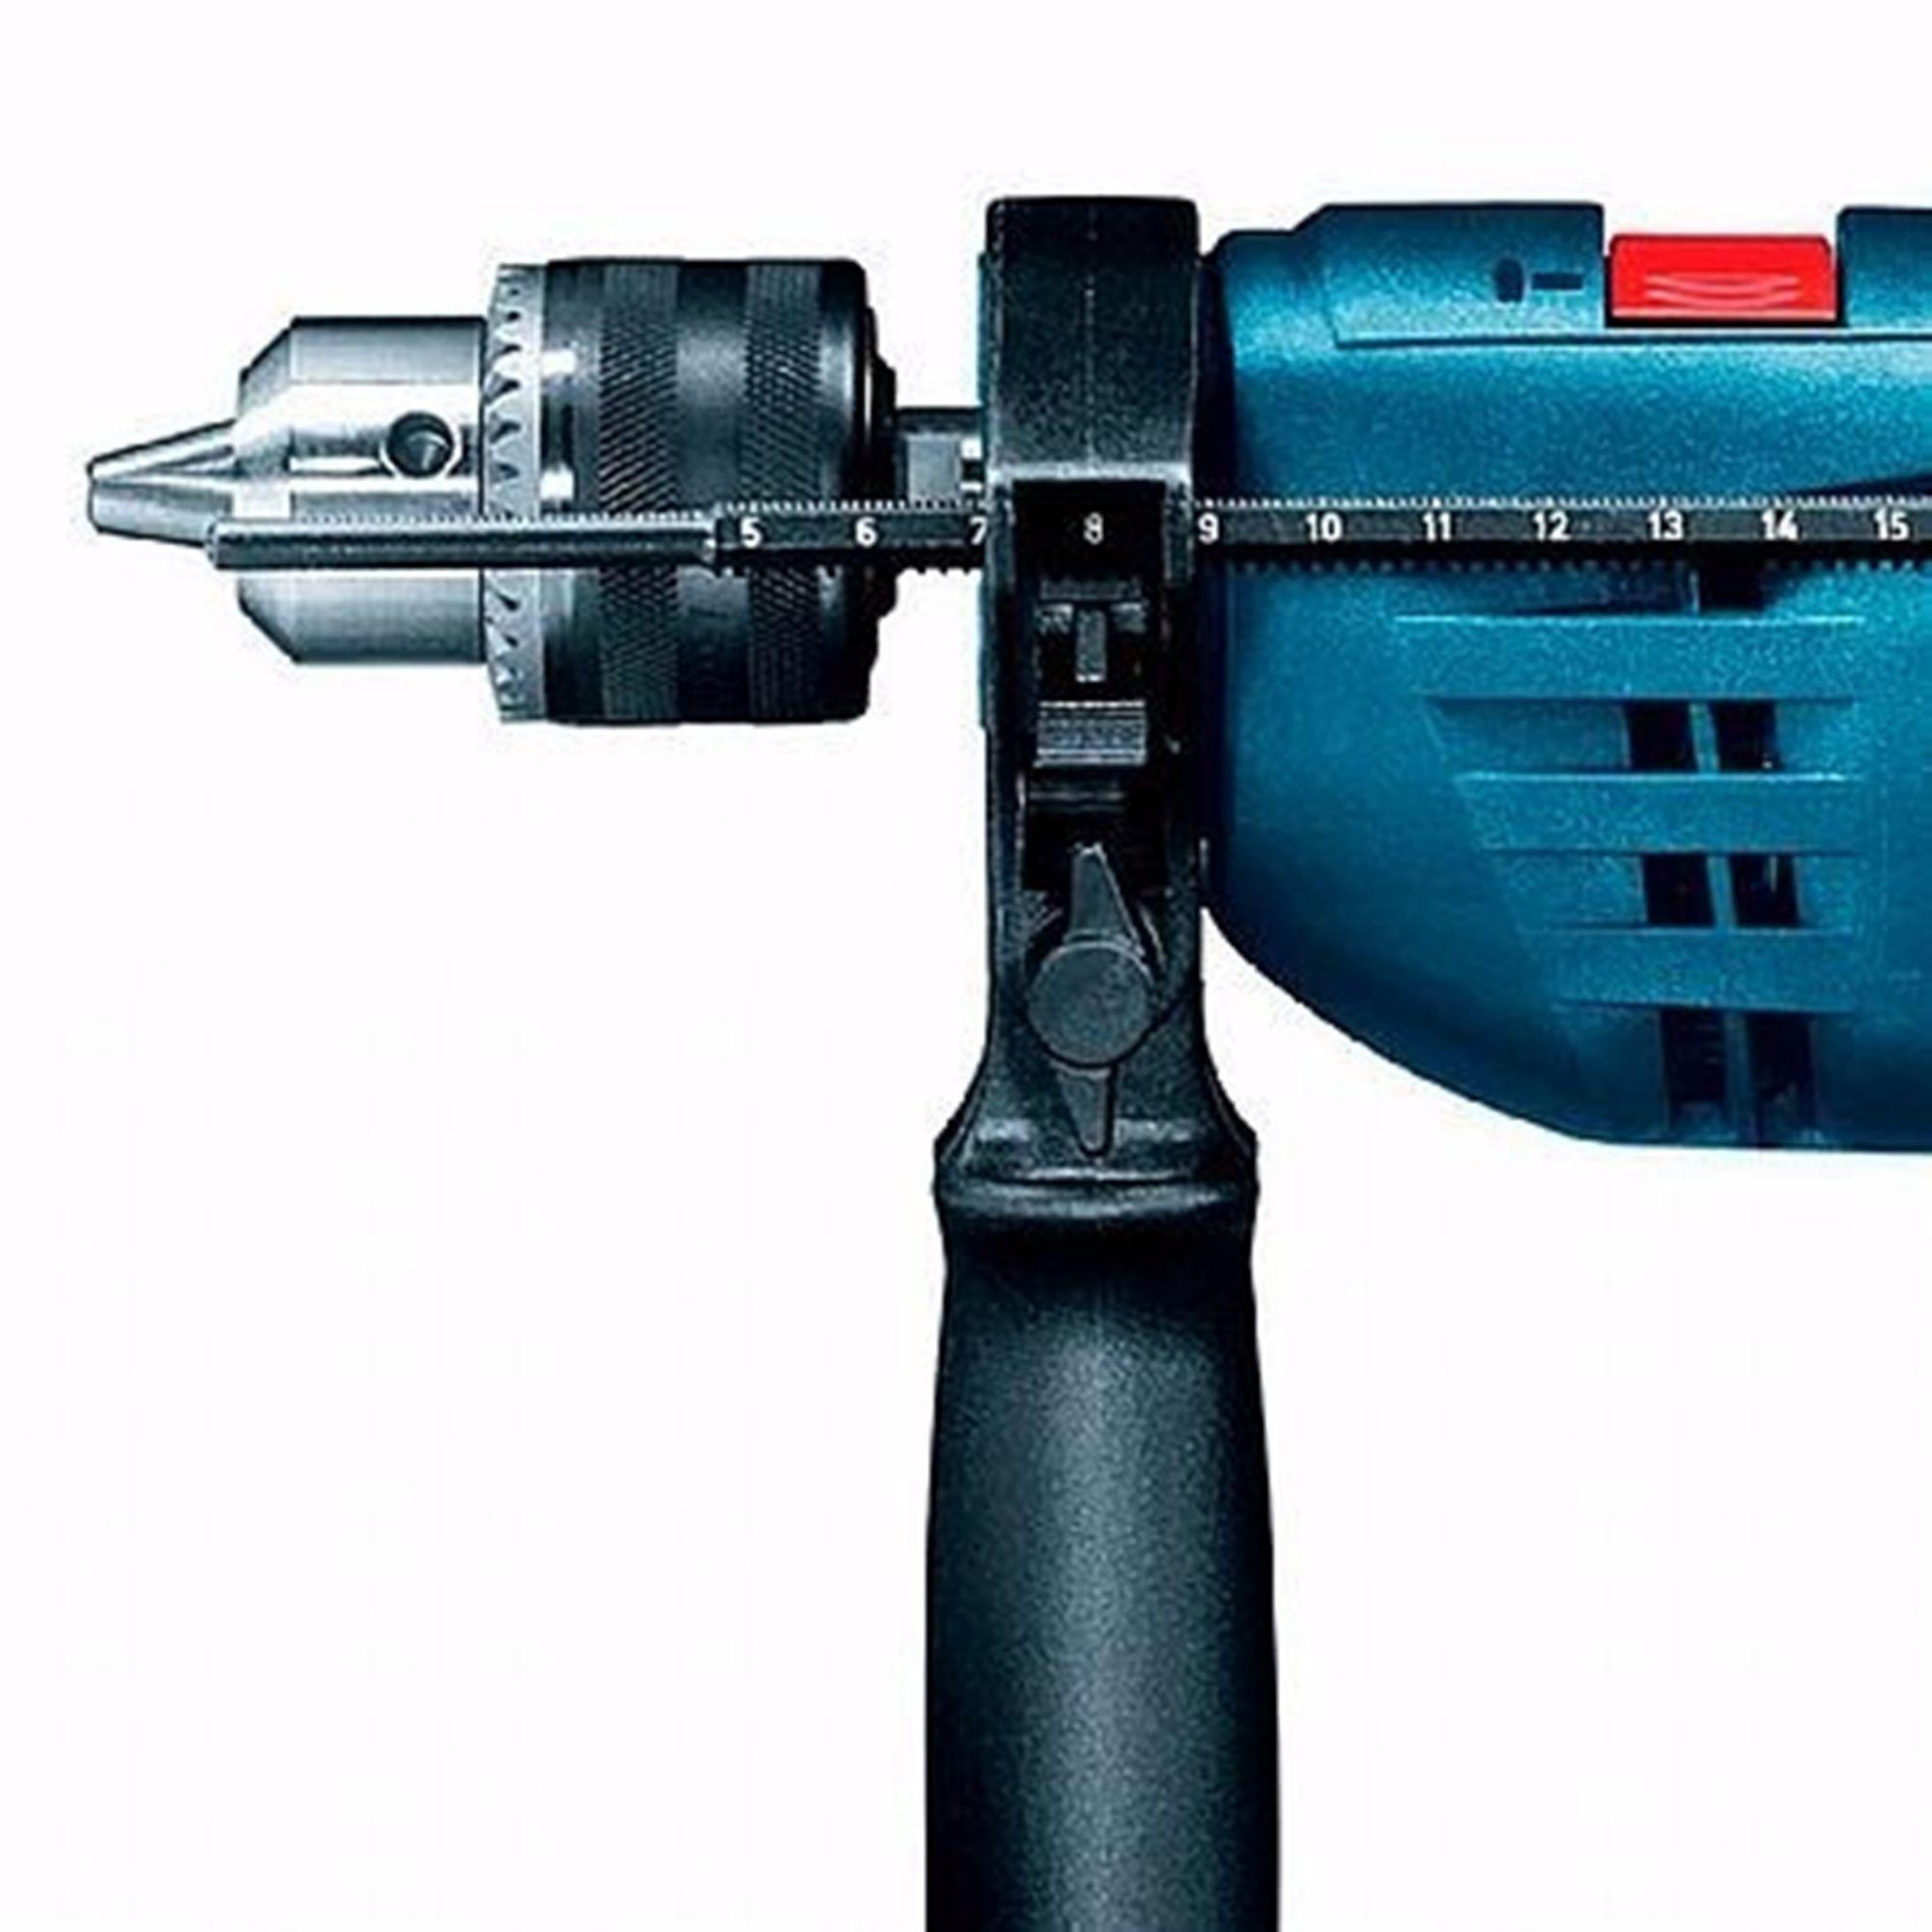 Politriz Polir Carro Profissional 1400w Bosch Furadeira 650w